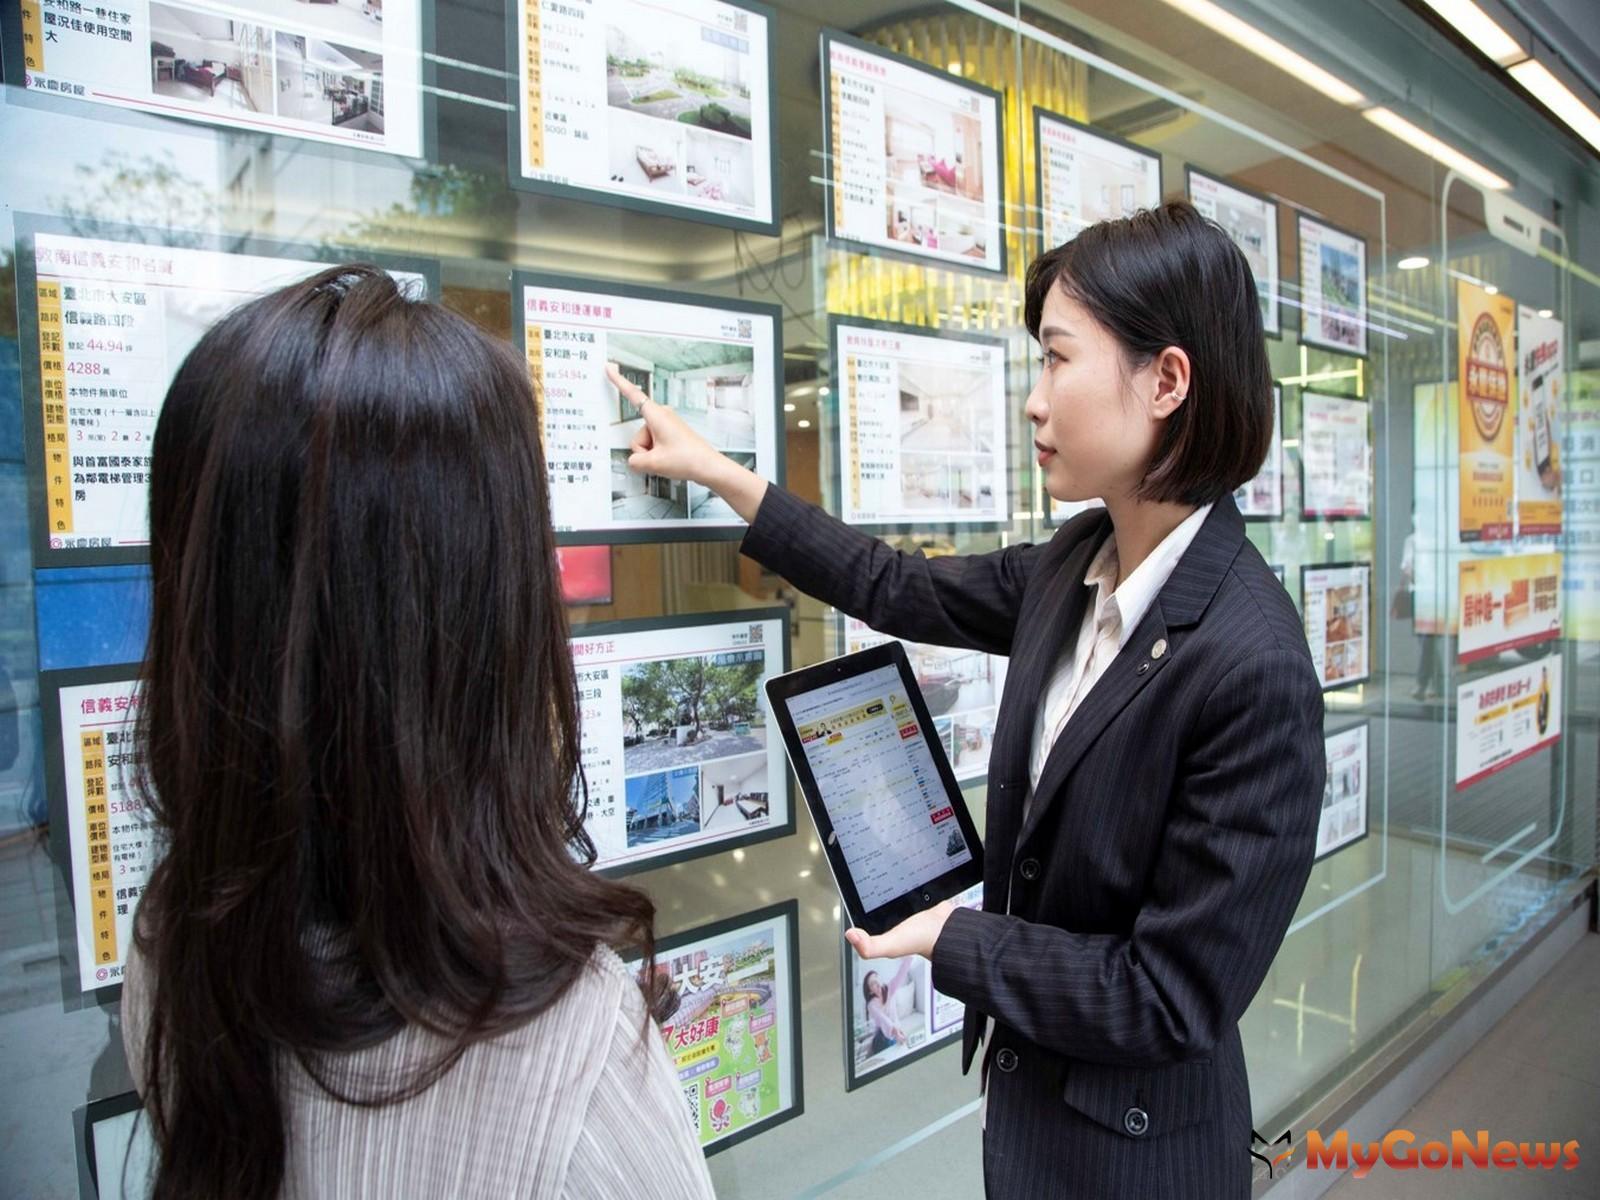 永慶房屋針對買方及賣方都提供完整且專業的服務,讓買賣雙方都安心。(圖/永慶房屋) MyGoNews房地產新聞 市場快訊